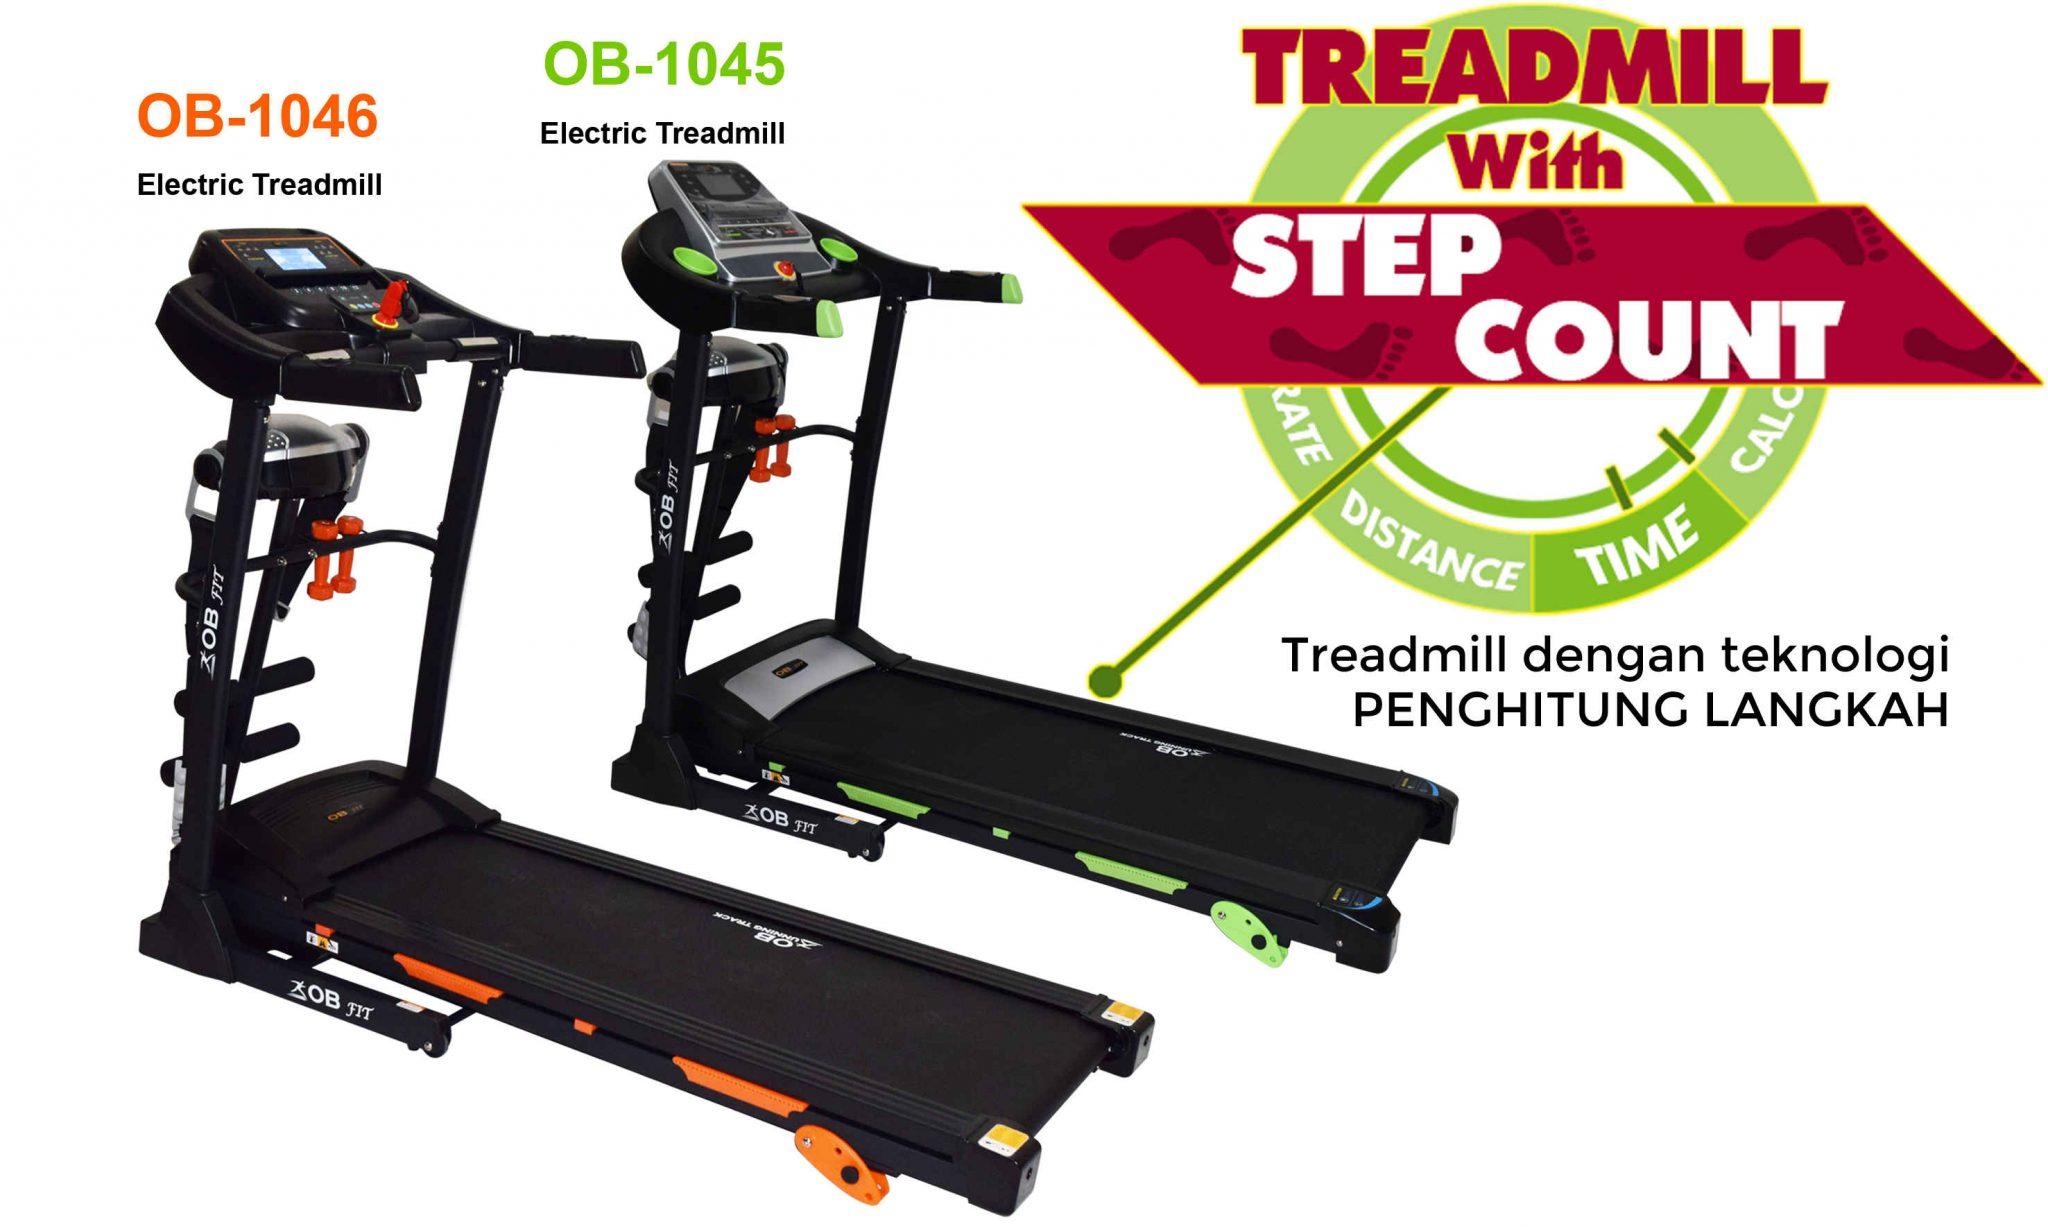 Berolahraga dgn Treadmill OB FIT